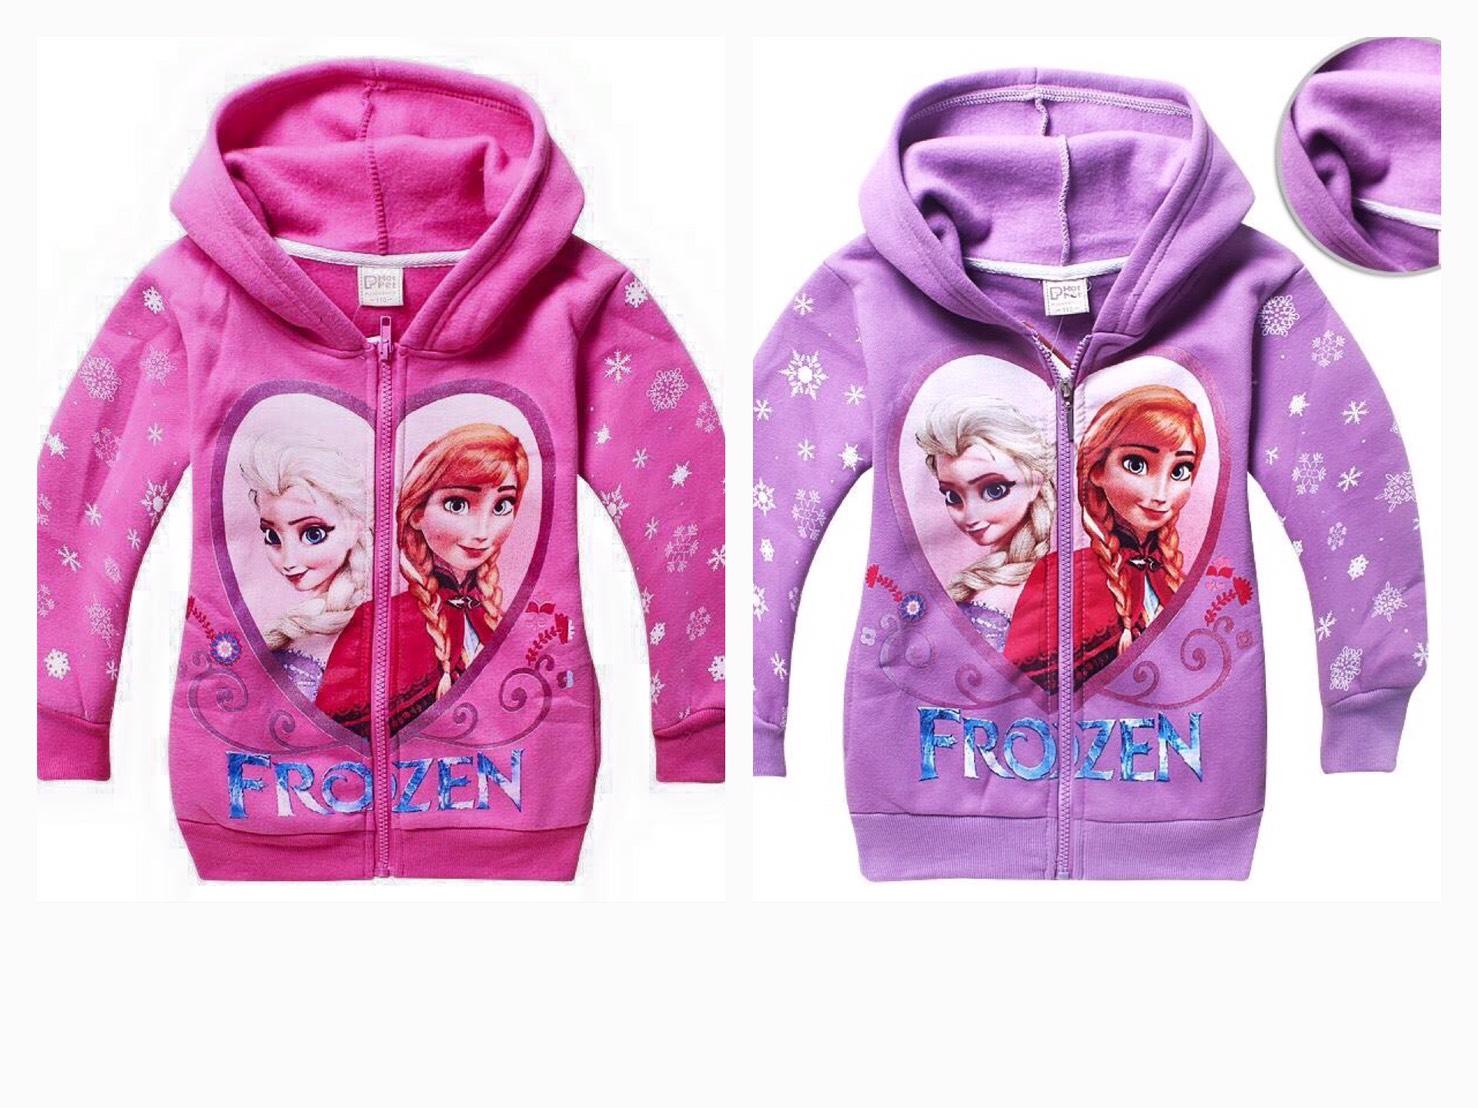 ชุดเสื้อกันหนาว Frozen สีม่วง